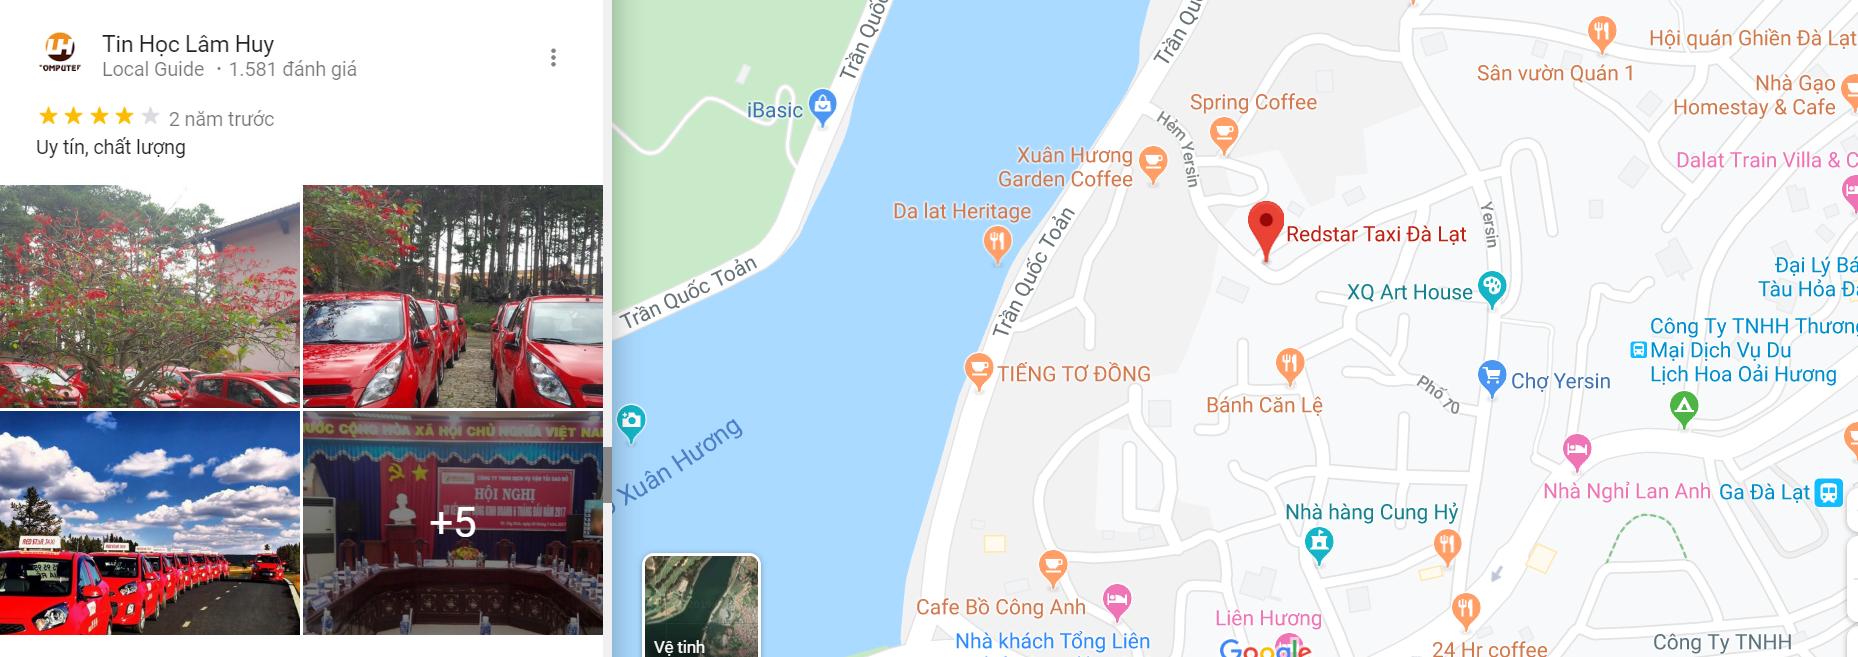 danh-gia-taxi-sao-do-da-lat-google-map-2